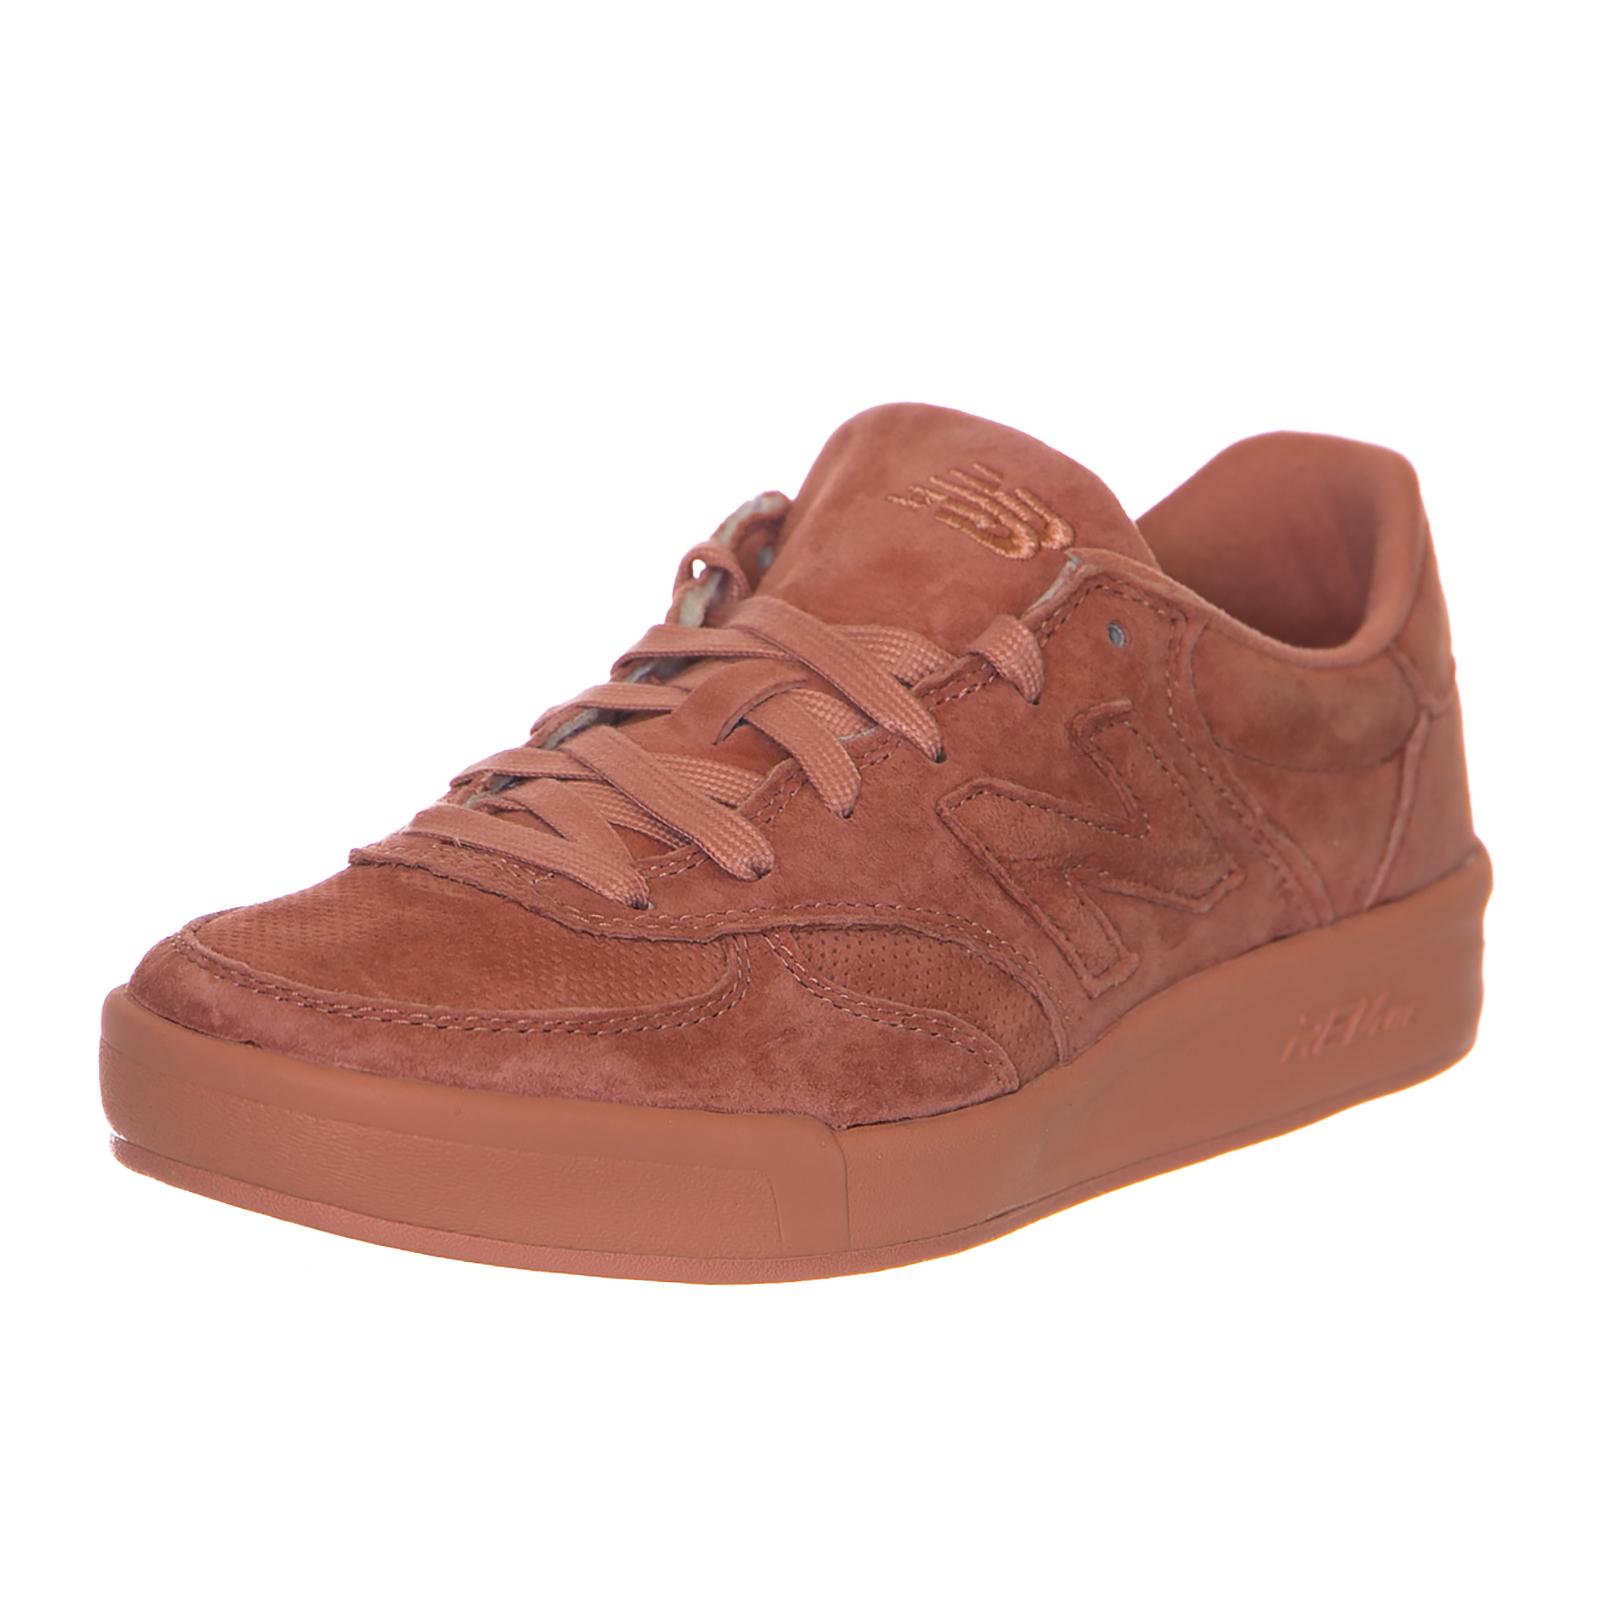 New Balance Chaussure Lifestyle Femme Daim/Perf. dépoussiéré Peach Orange Orange